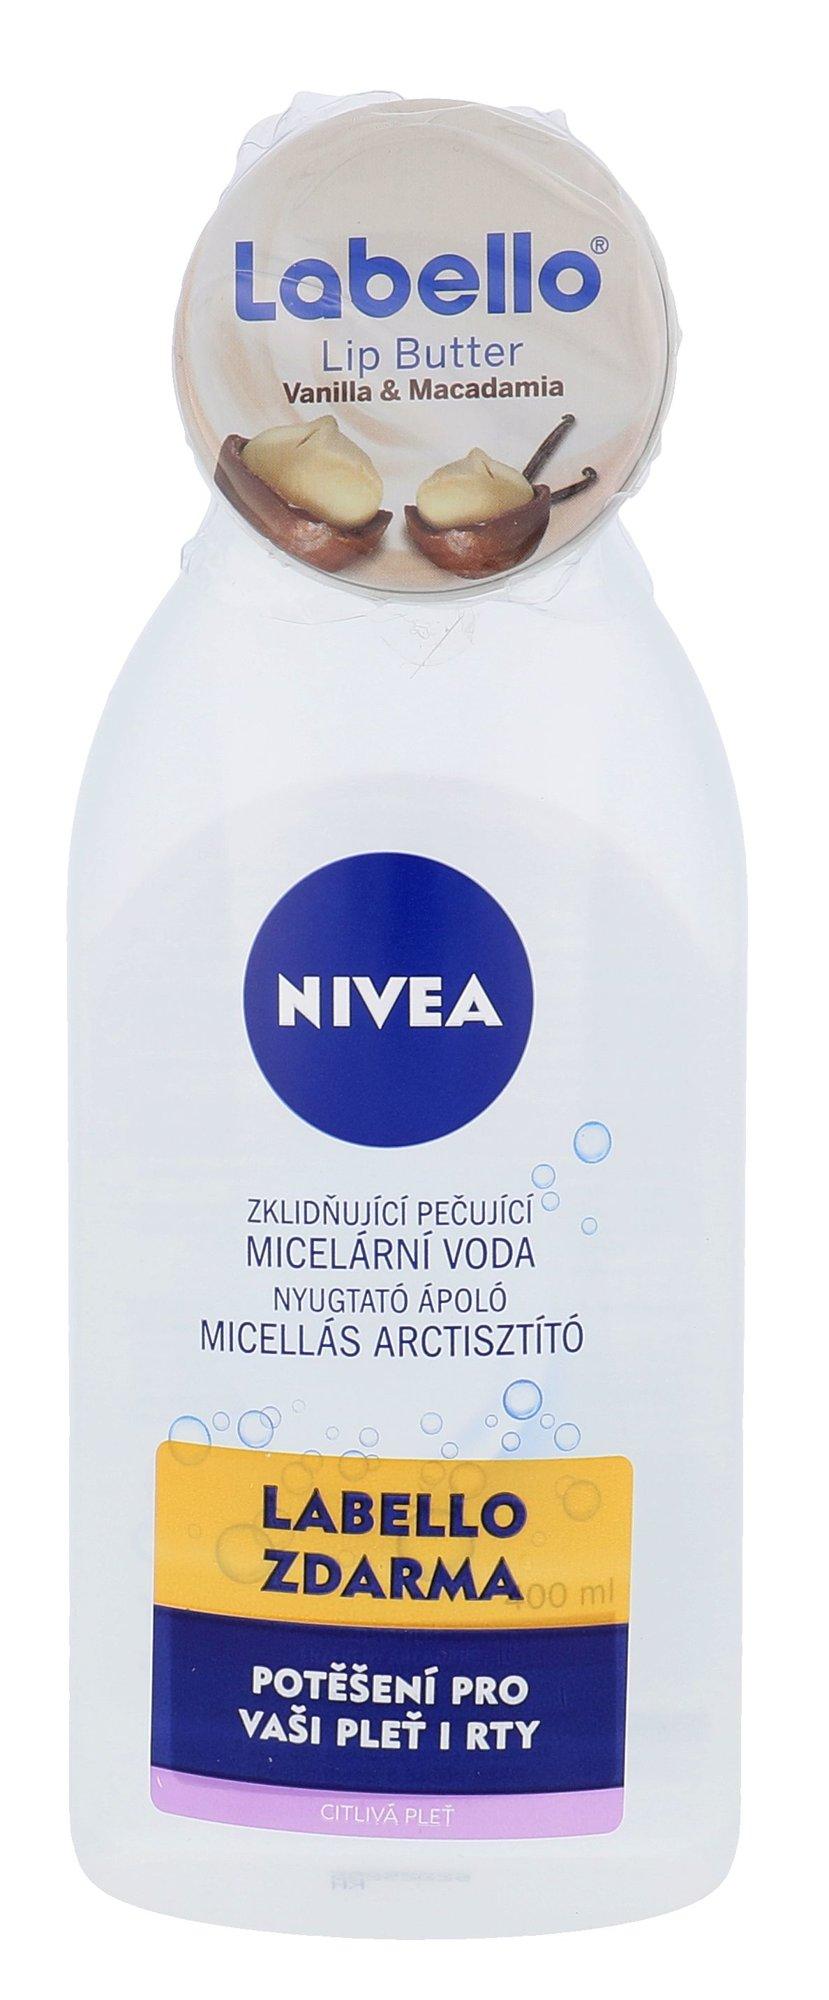 Nivea Sensitive 3in1 Micellar Cleansing Water Cosmetic 400ml